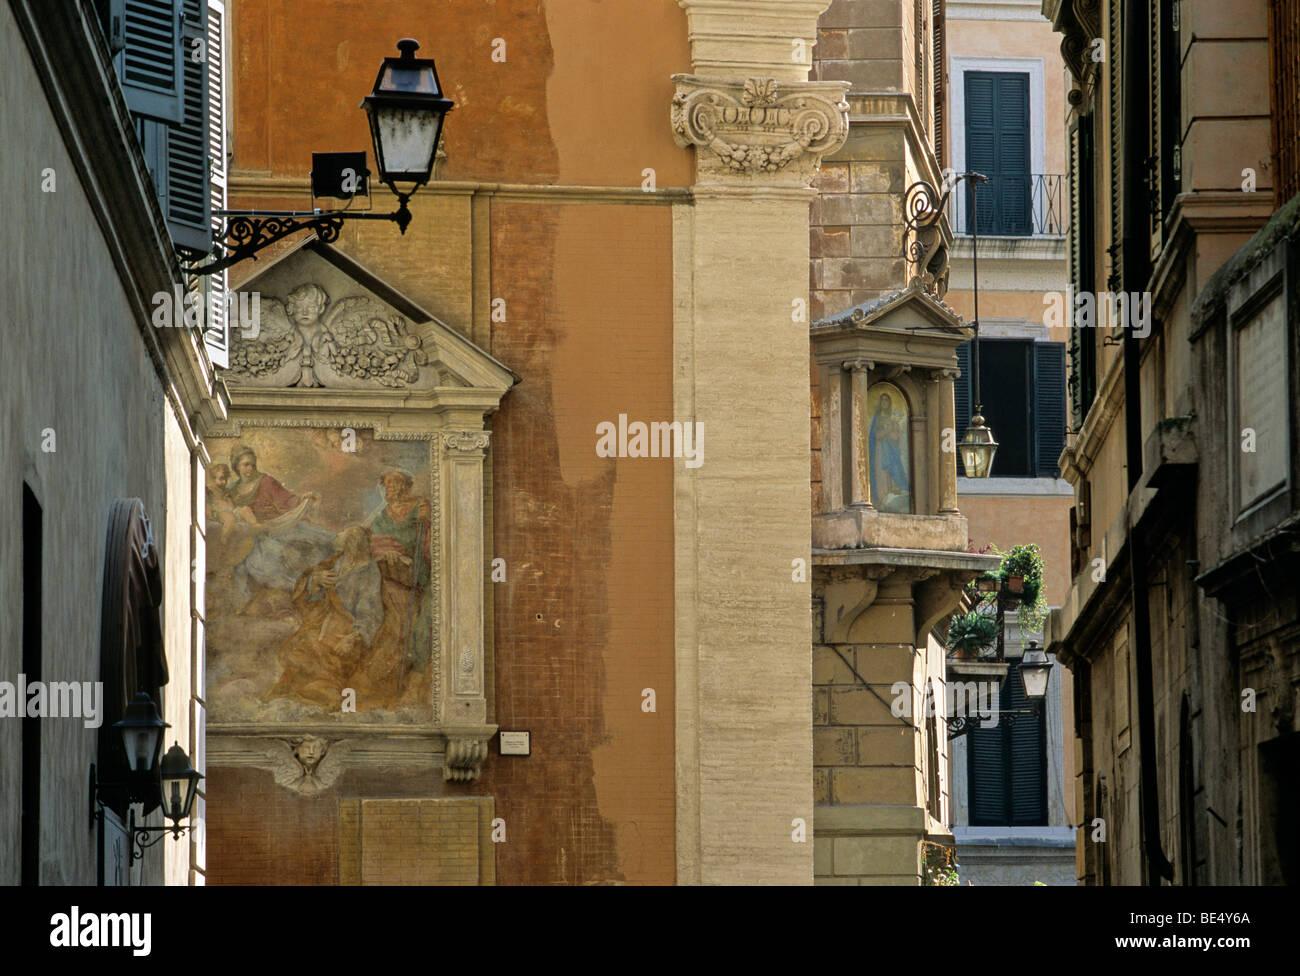 Holy painting, fresco, church of Santa Maria sopra Minerva, Rome, Lazio, Italy, Europe Stock Photo